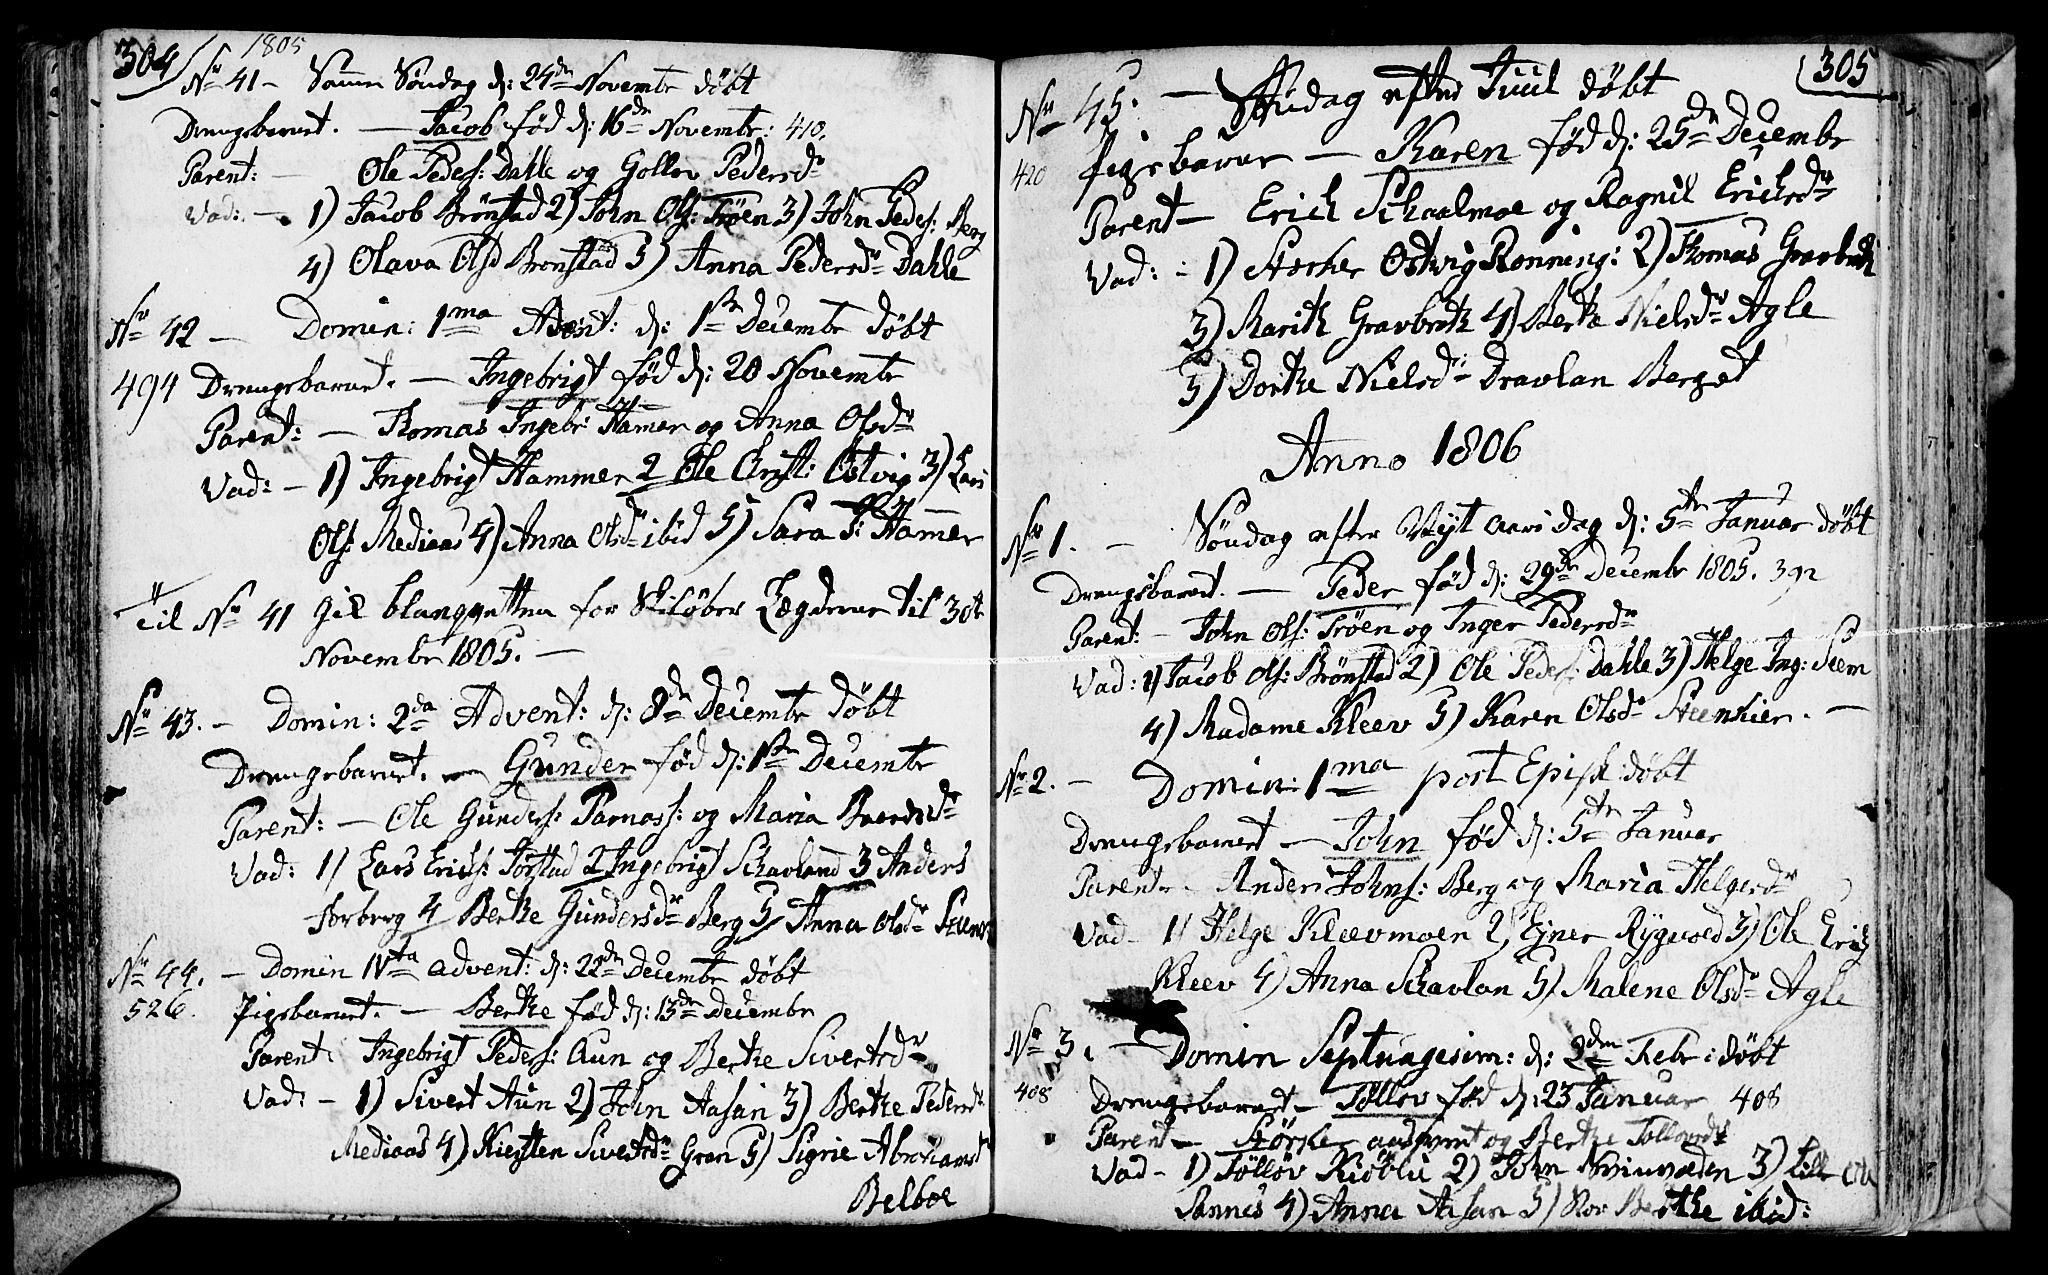 SAT, Ministerialprotokoller, klokkerbøker og fødselsregistre - Nord-Trøndelag, 749/L0468: Ministerialbok nr. 749A02, 1787-1817, s. 304-305